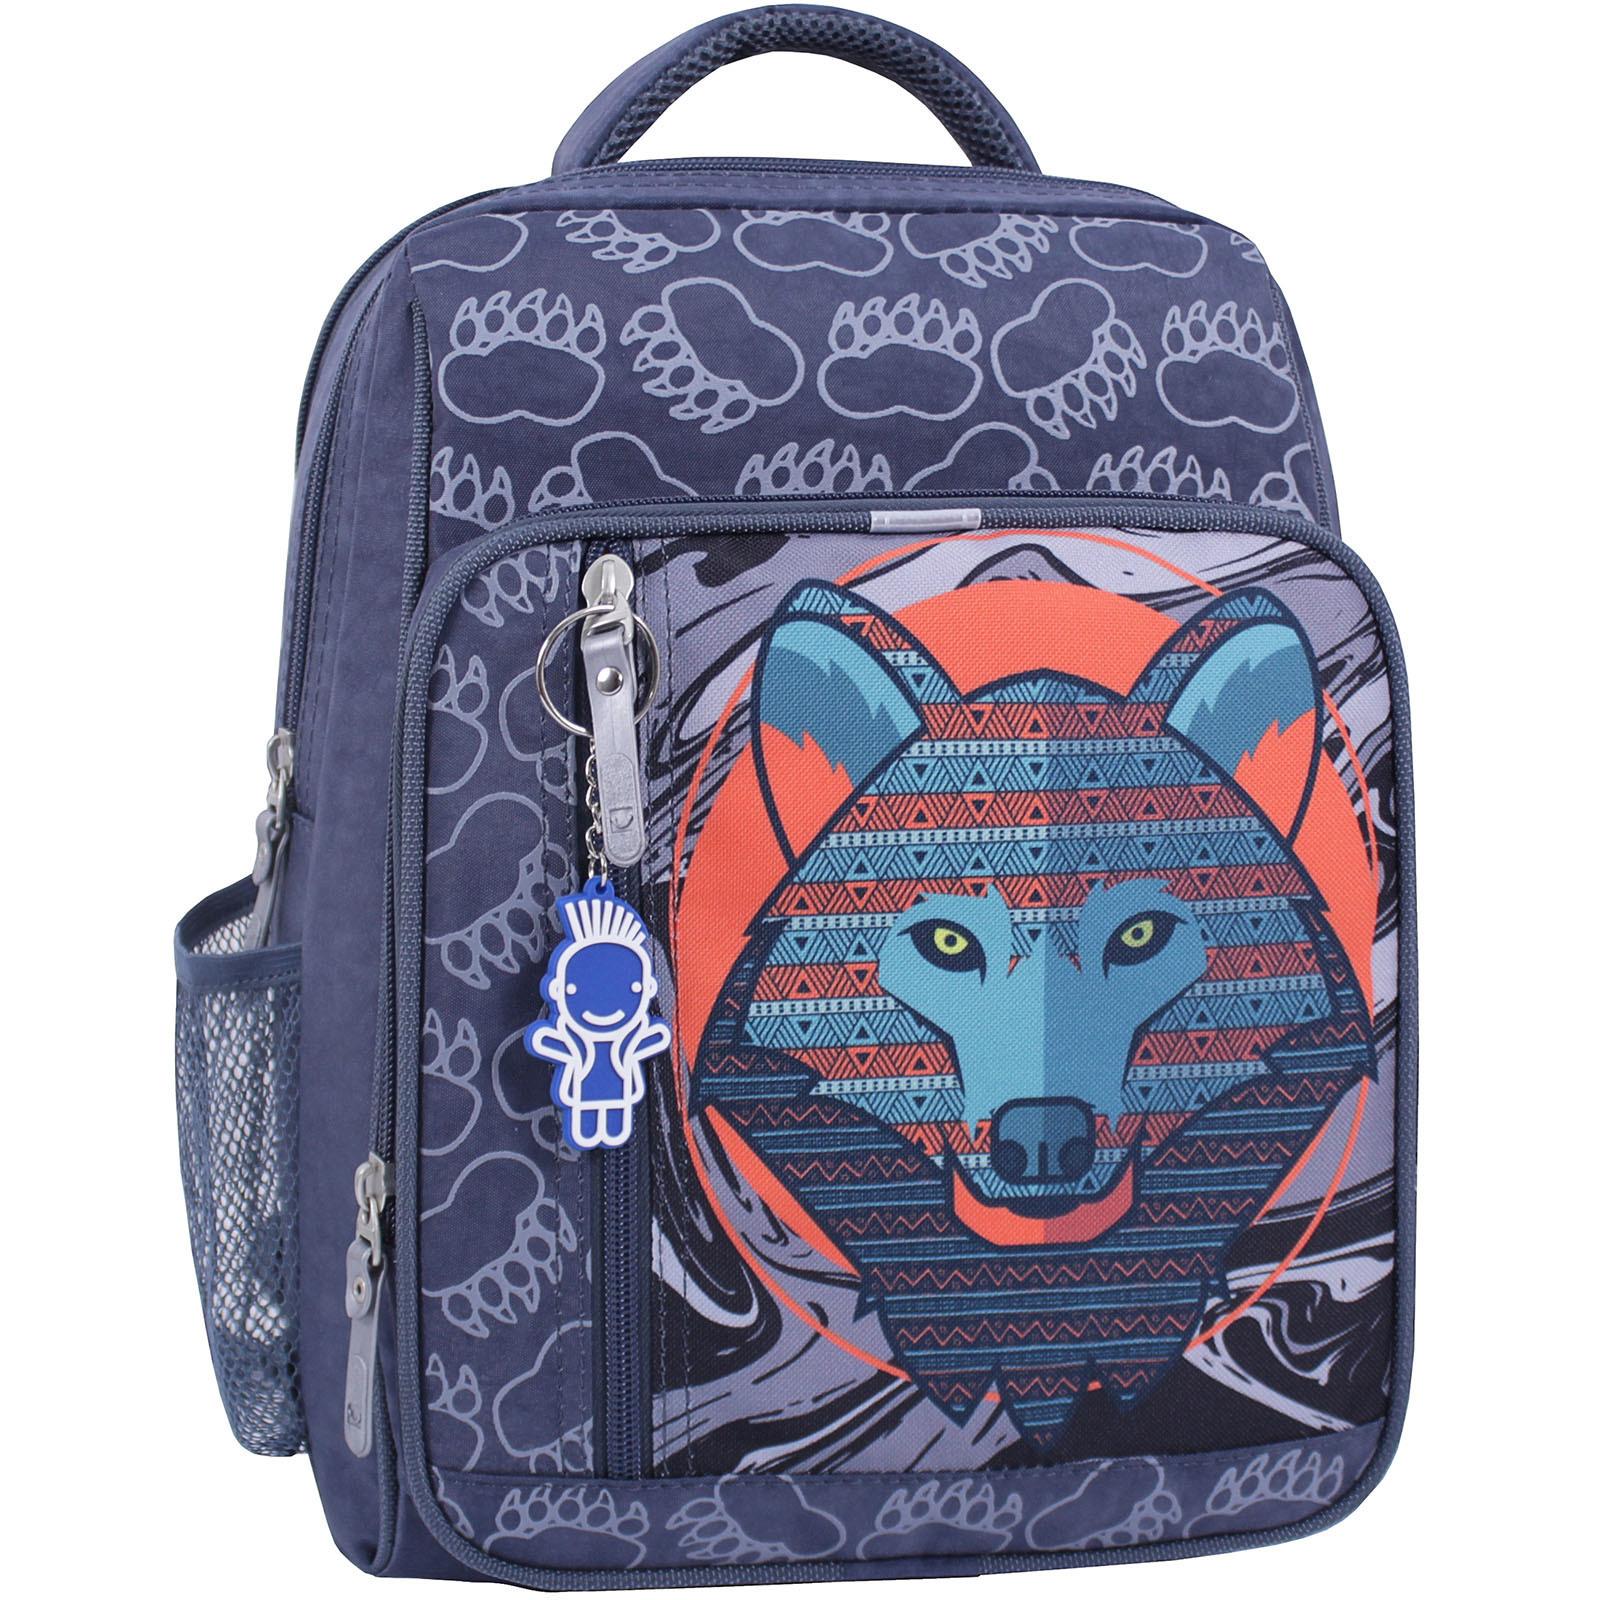 Детские рюкзаки Рюкзак школьный Bagland Школьник 8 л. 321 серый 509 (0012870) IMG_0949_суб.509_.JPG